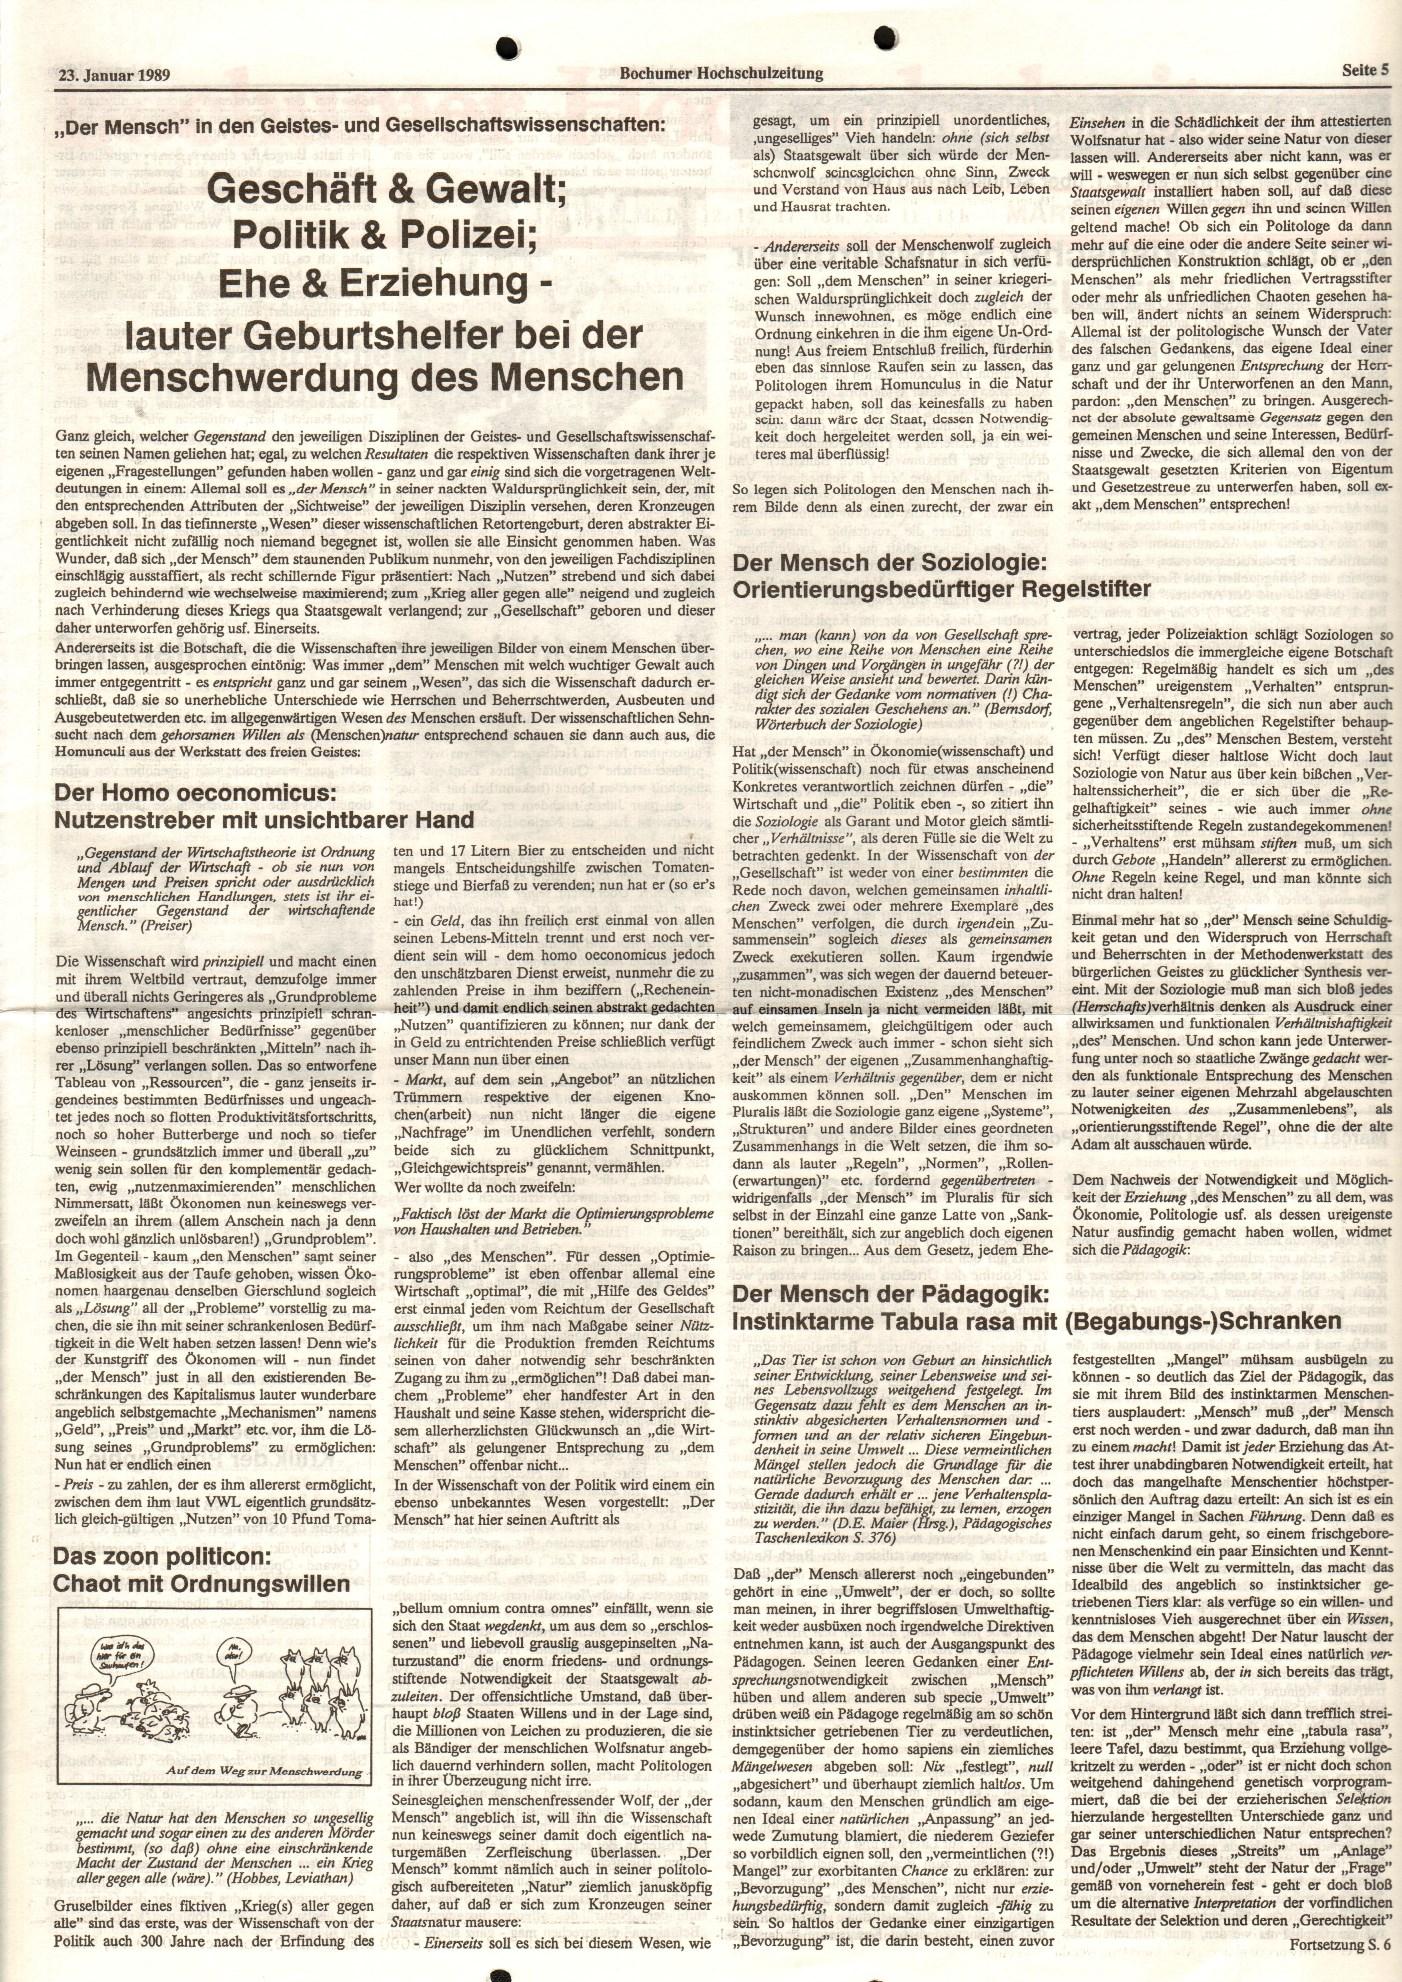 MG_Bochumer_Hochschulzeitung_19890124_05